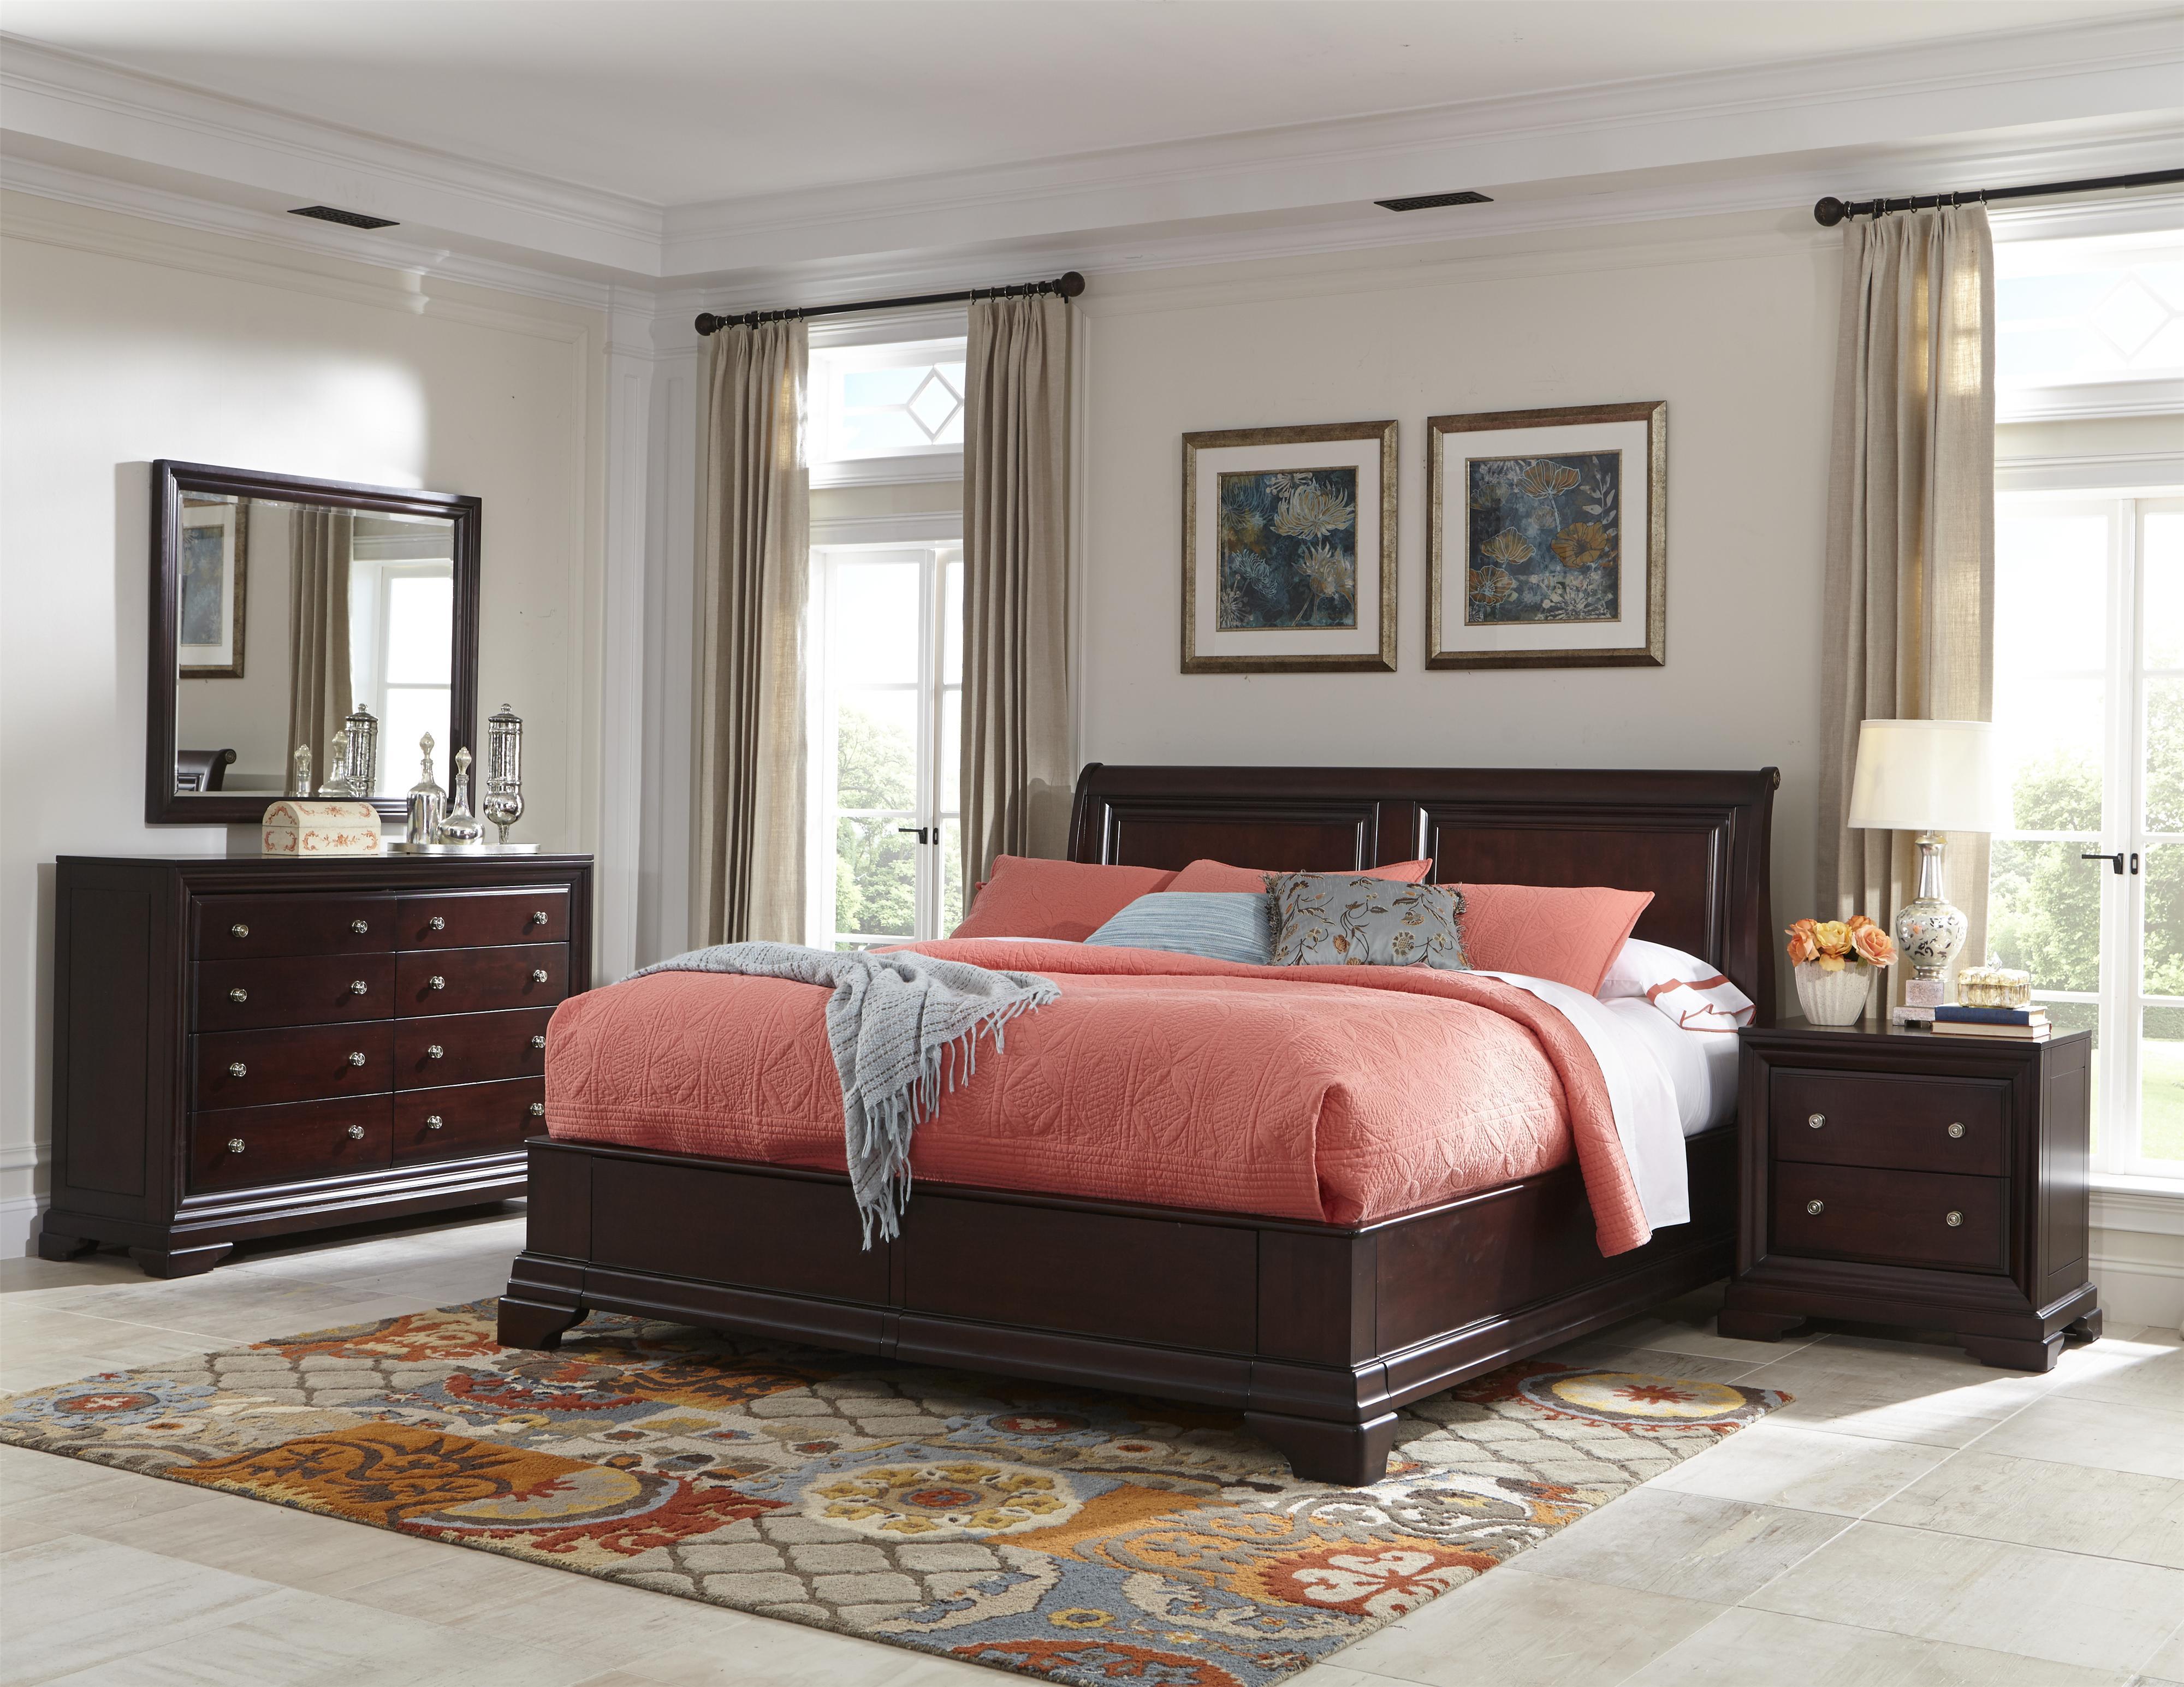 Cresent Fine Furniture Newport Queen Bedroom Group - Item Number: 1800 Q Bedroom Group 3